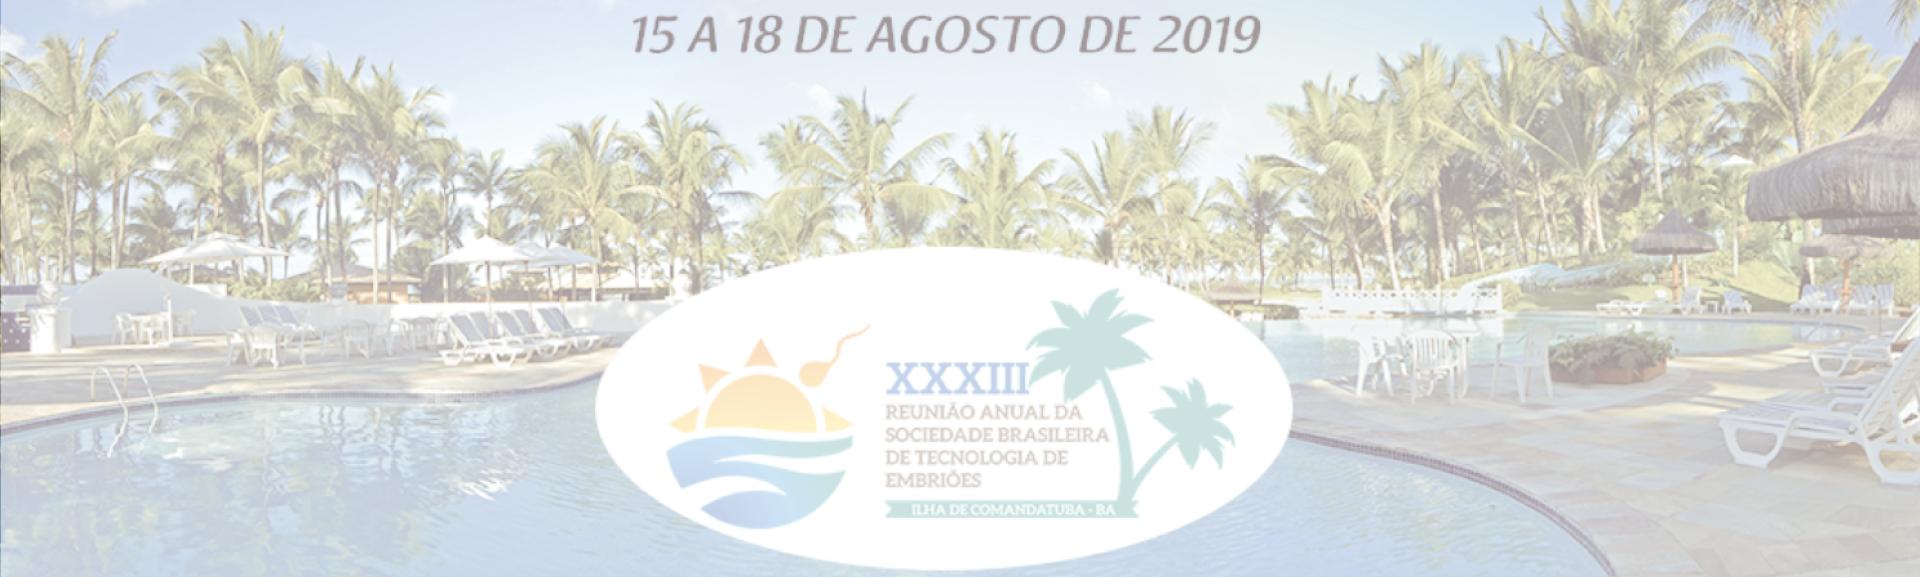 Sociedade Brasileira de Tecnologia de Embriões (SBTE)